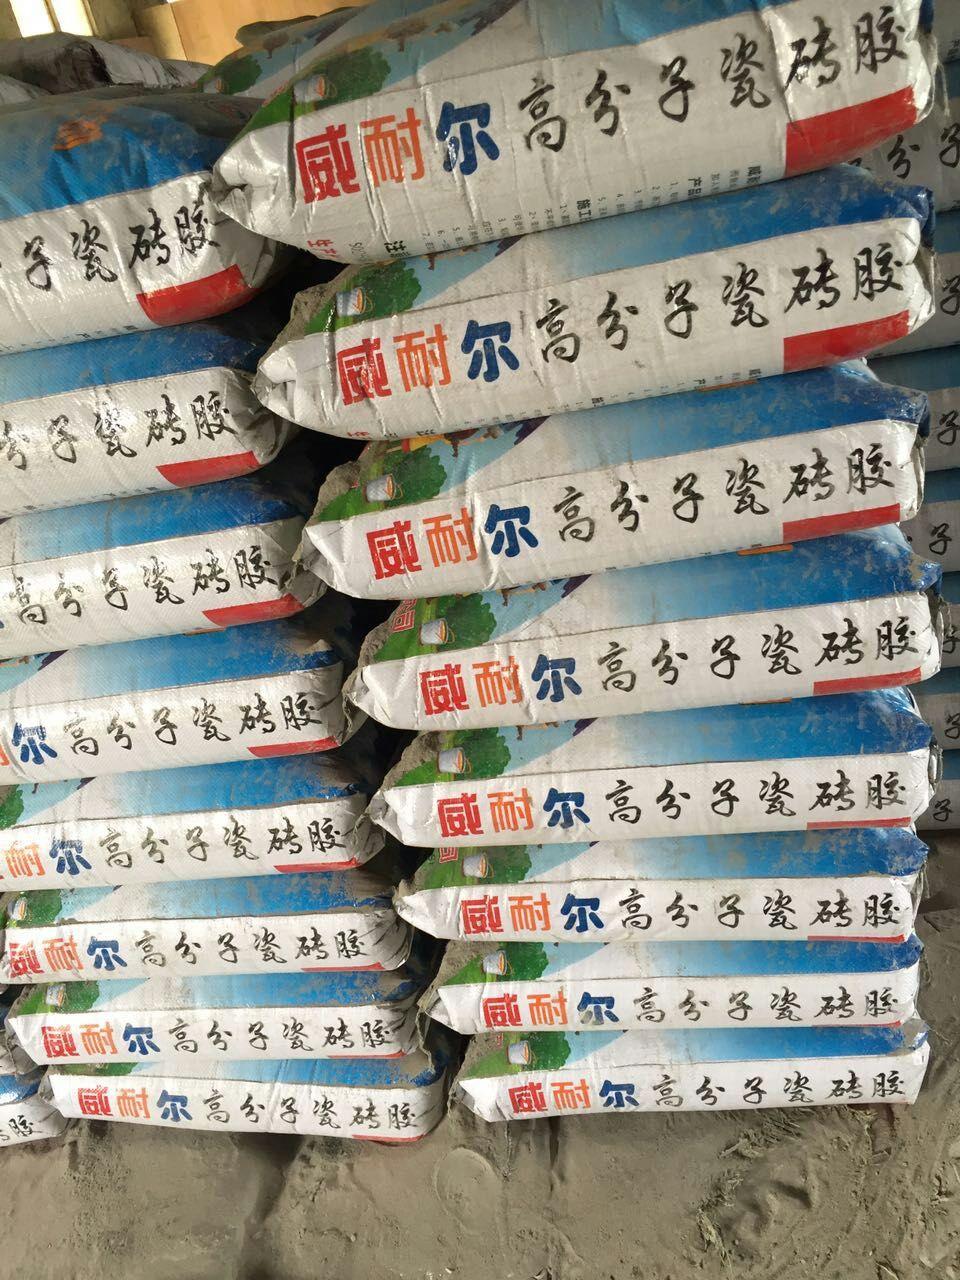 鄂州瓷砖粘结剂厂家 鄂州专业生产瓷砖粘结剂厂商 鄂州瓷砖粘结剂厂